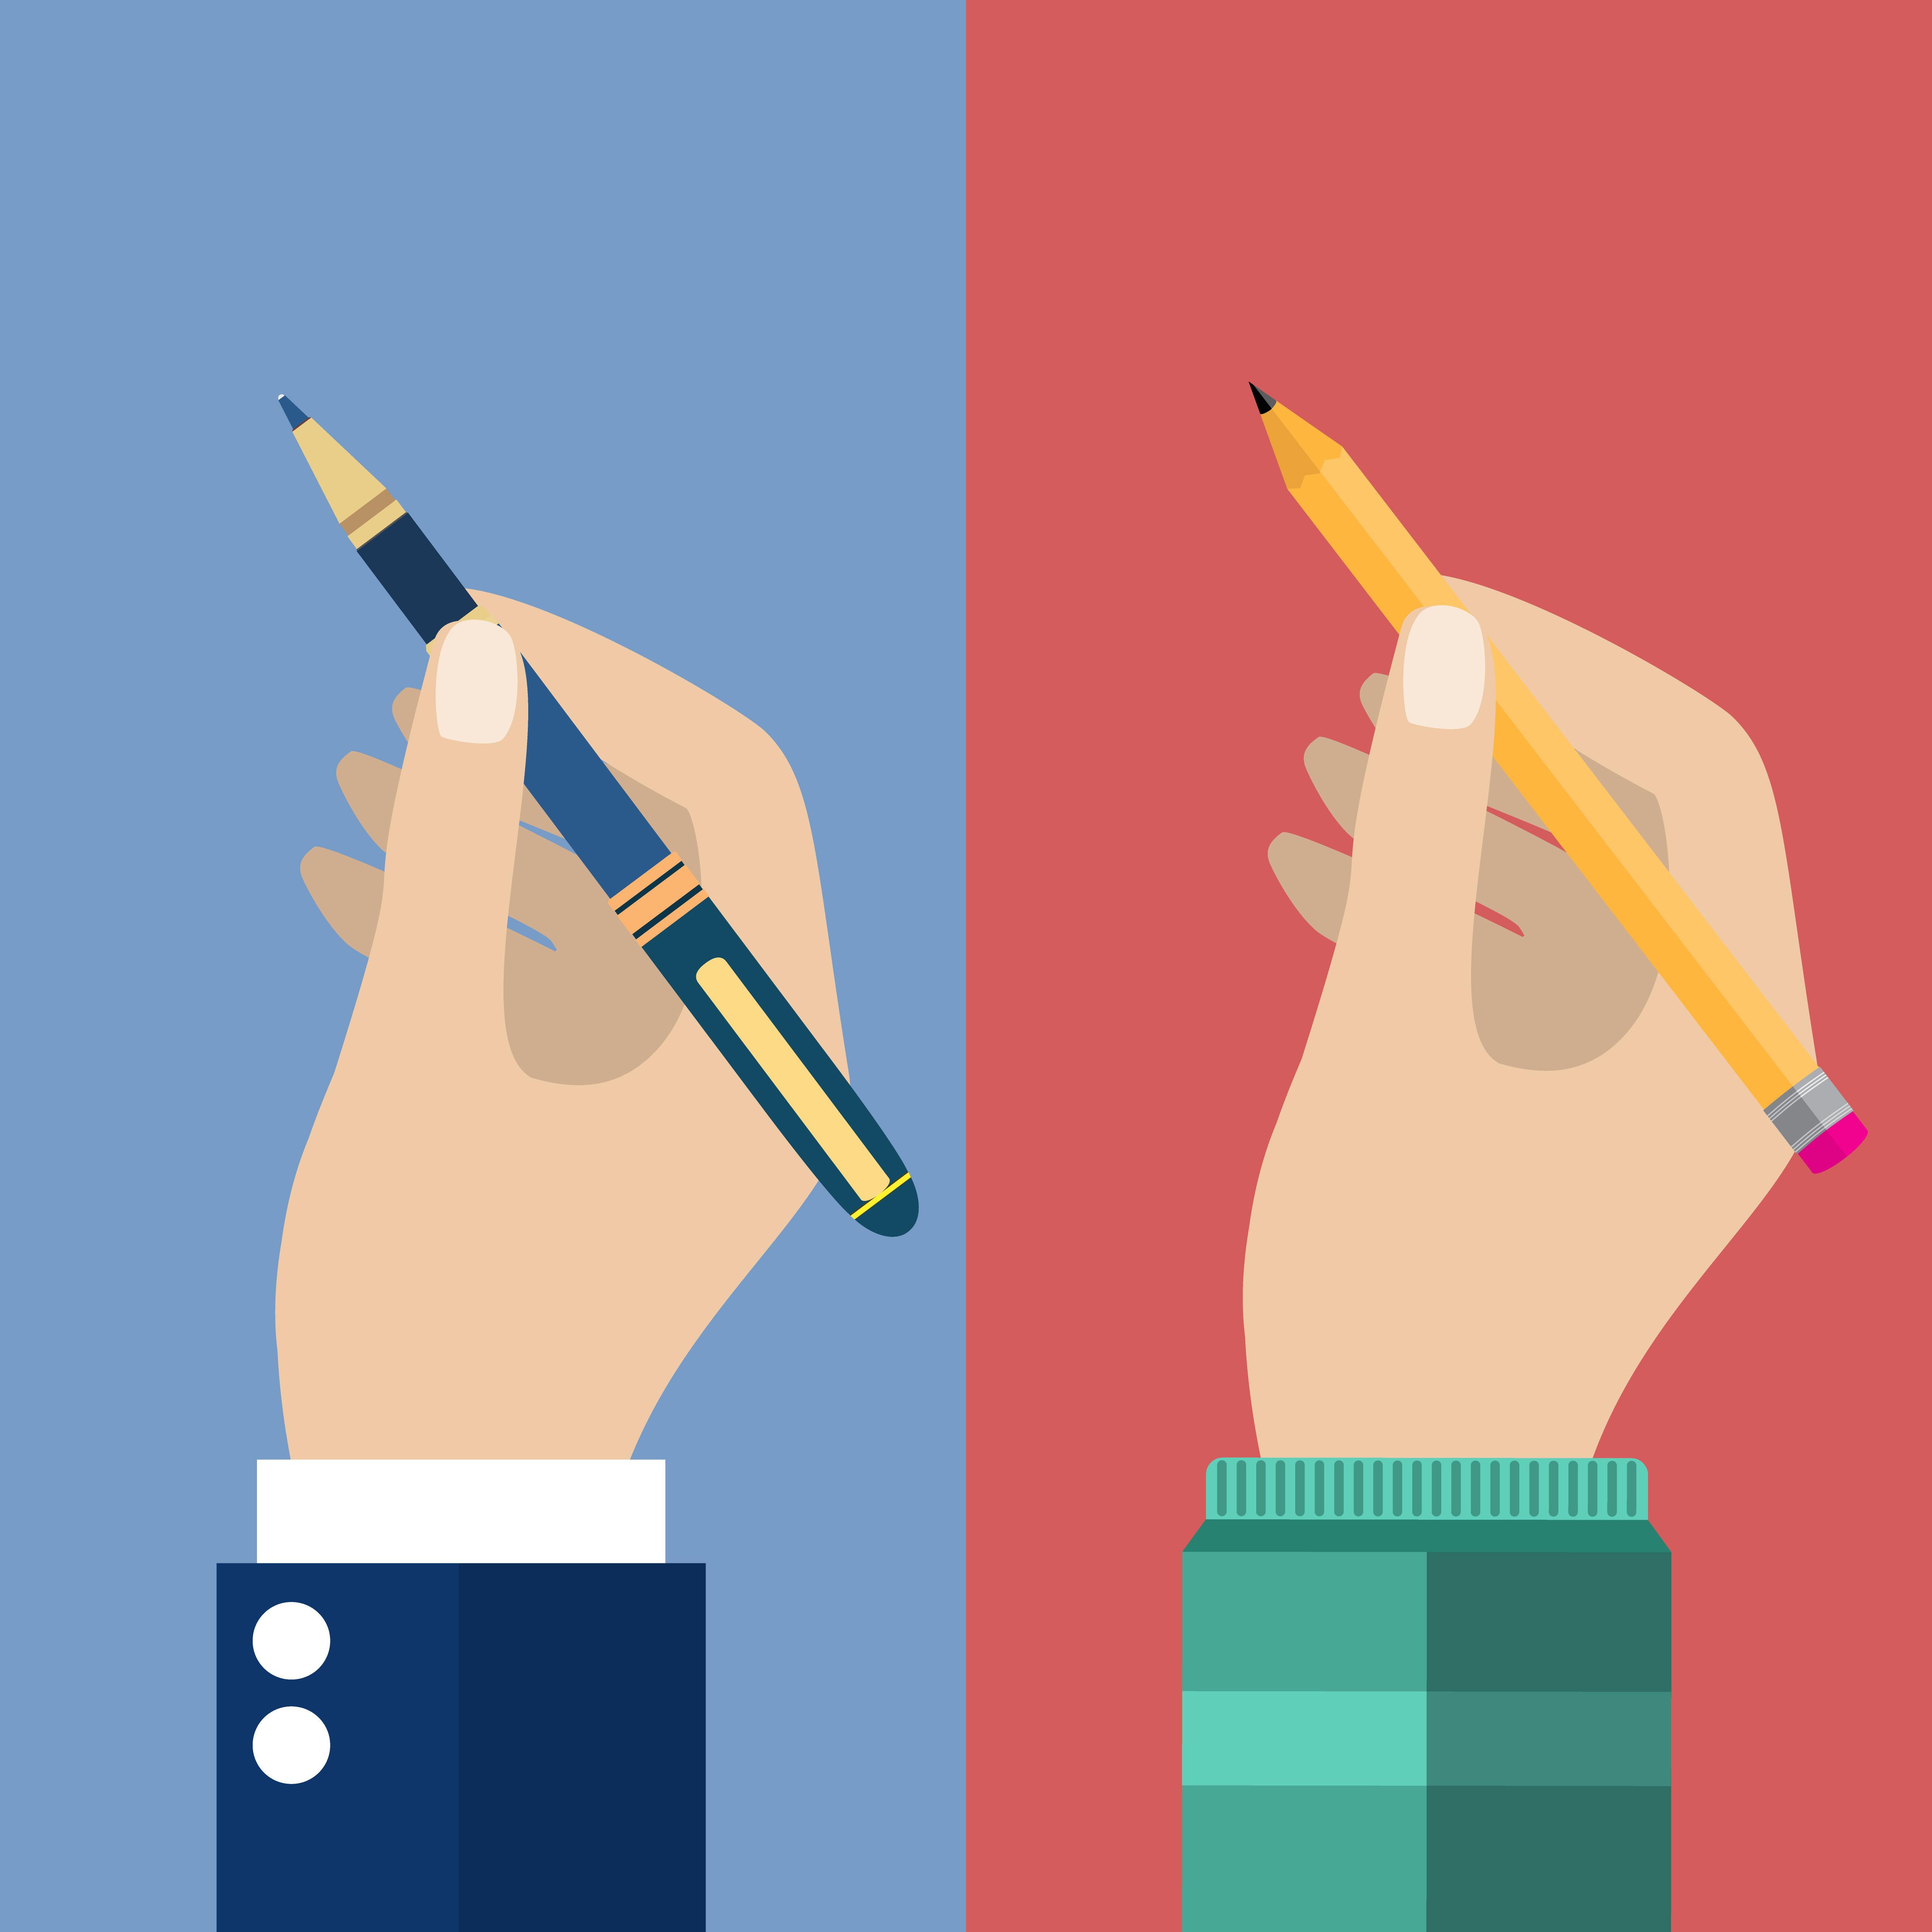 Le stylo, champion de l'objet publicitaire !